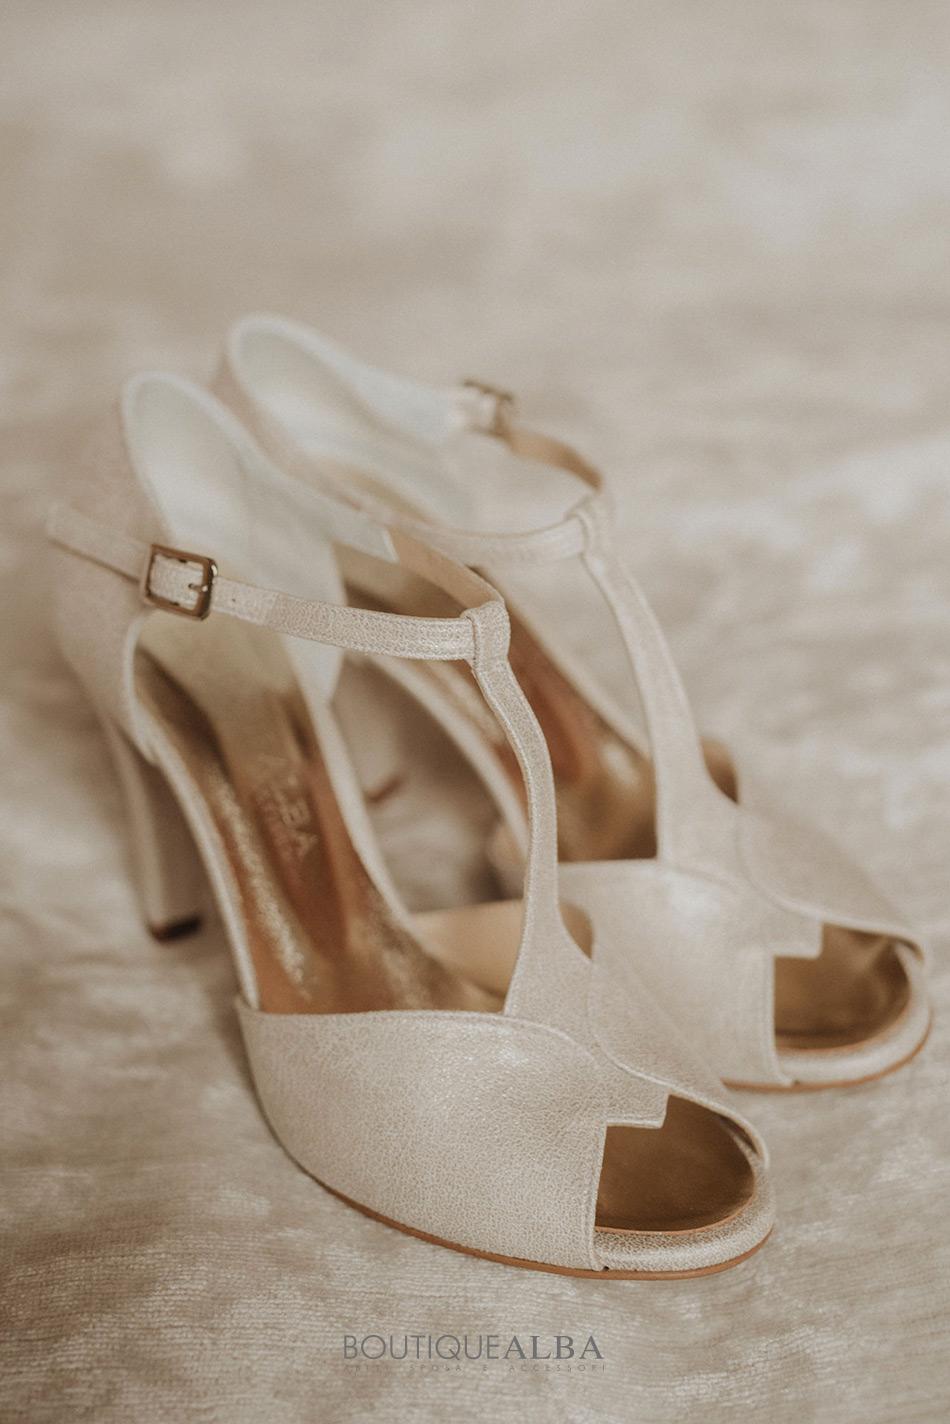 scarpe-sposa-boutique-alba-940-b